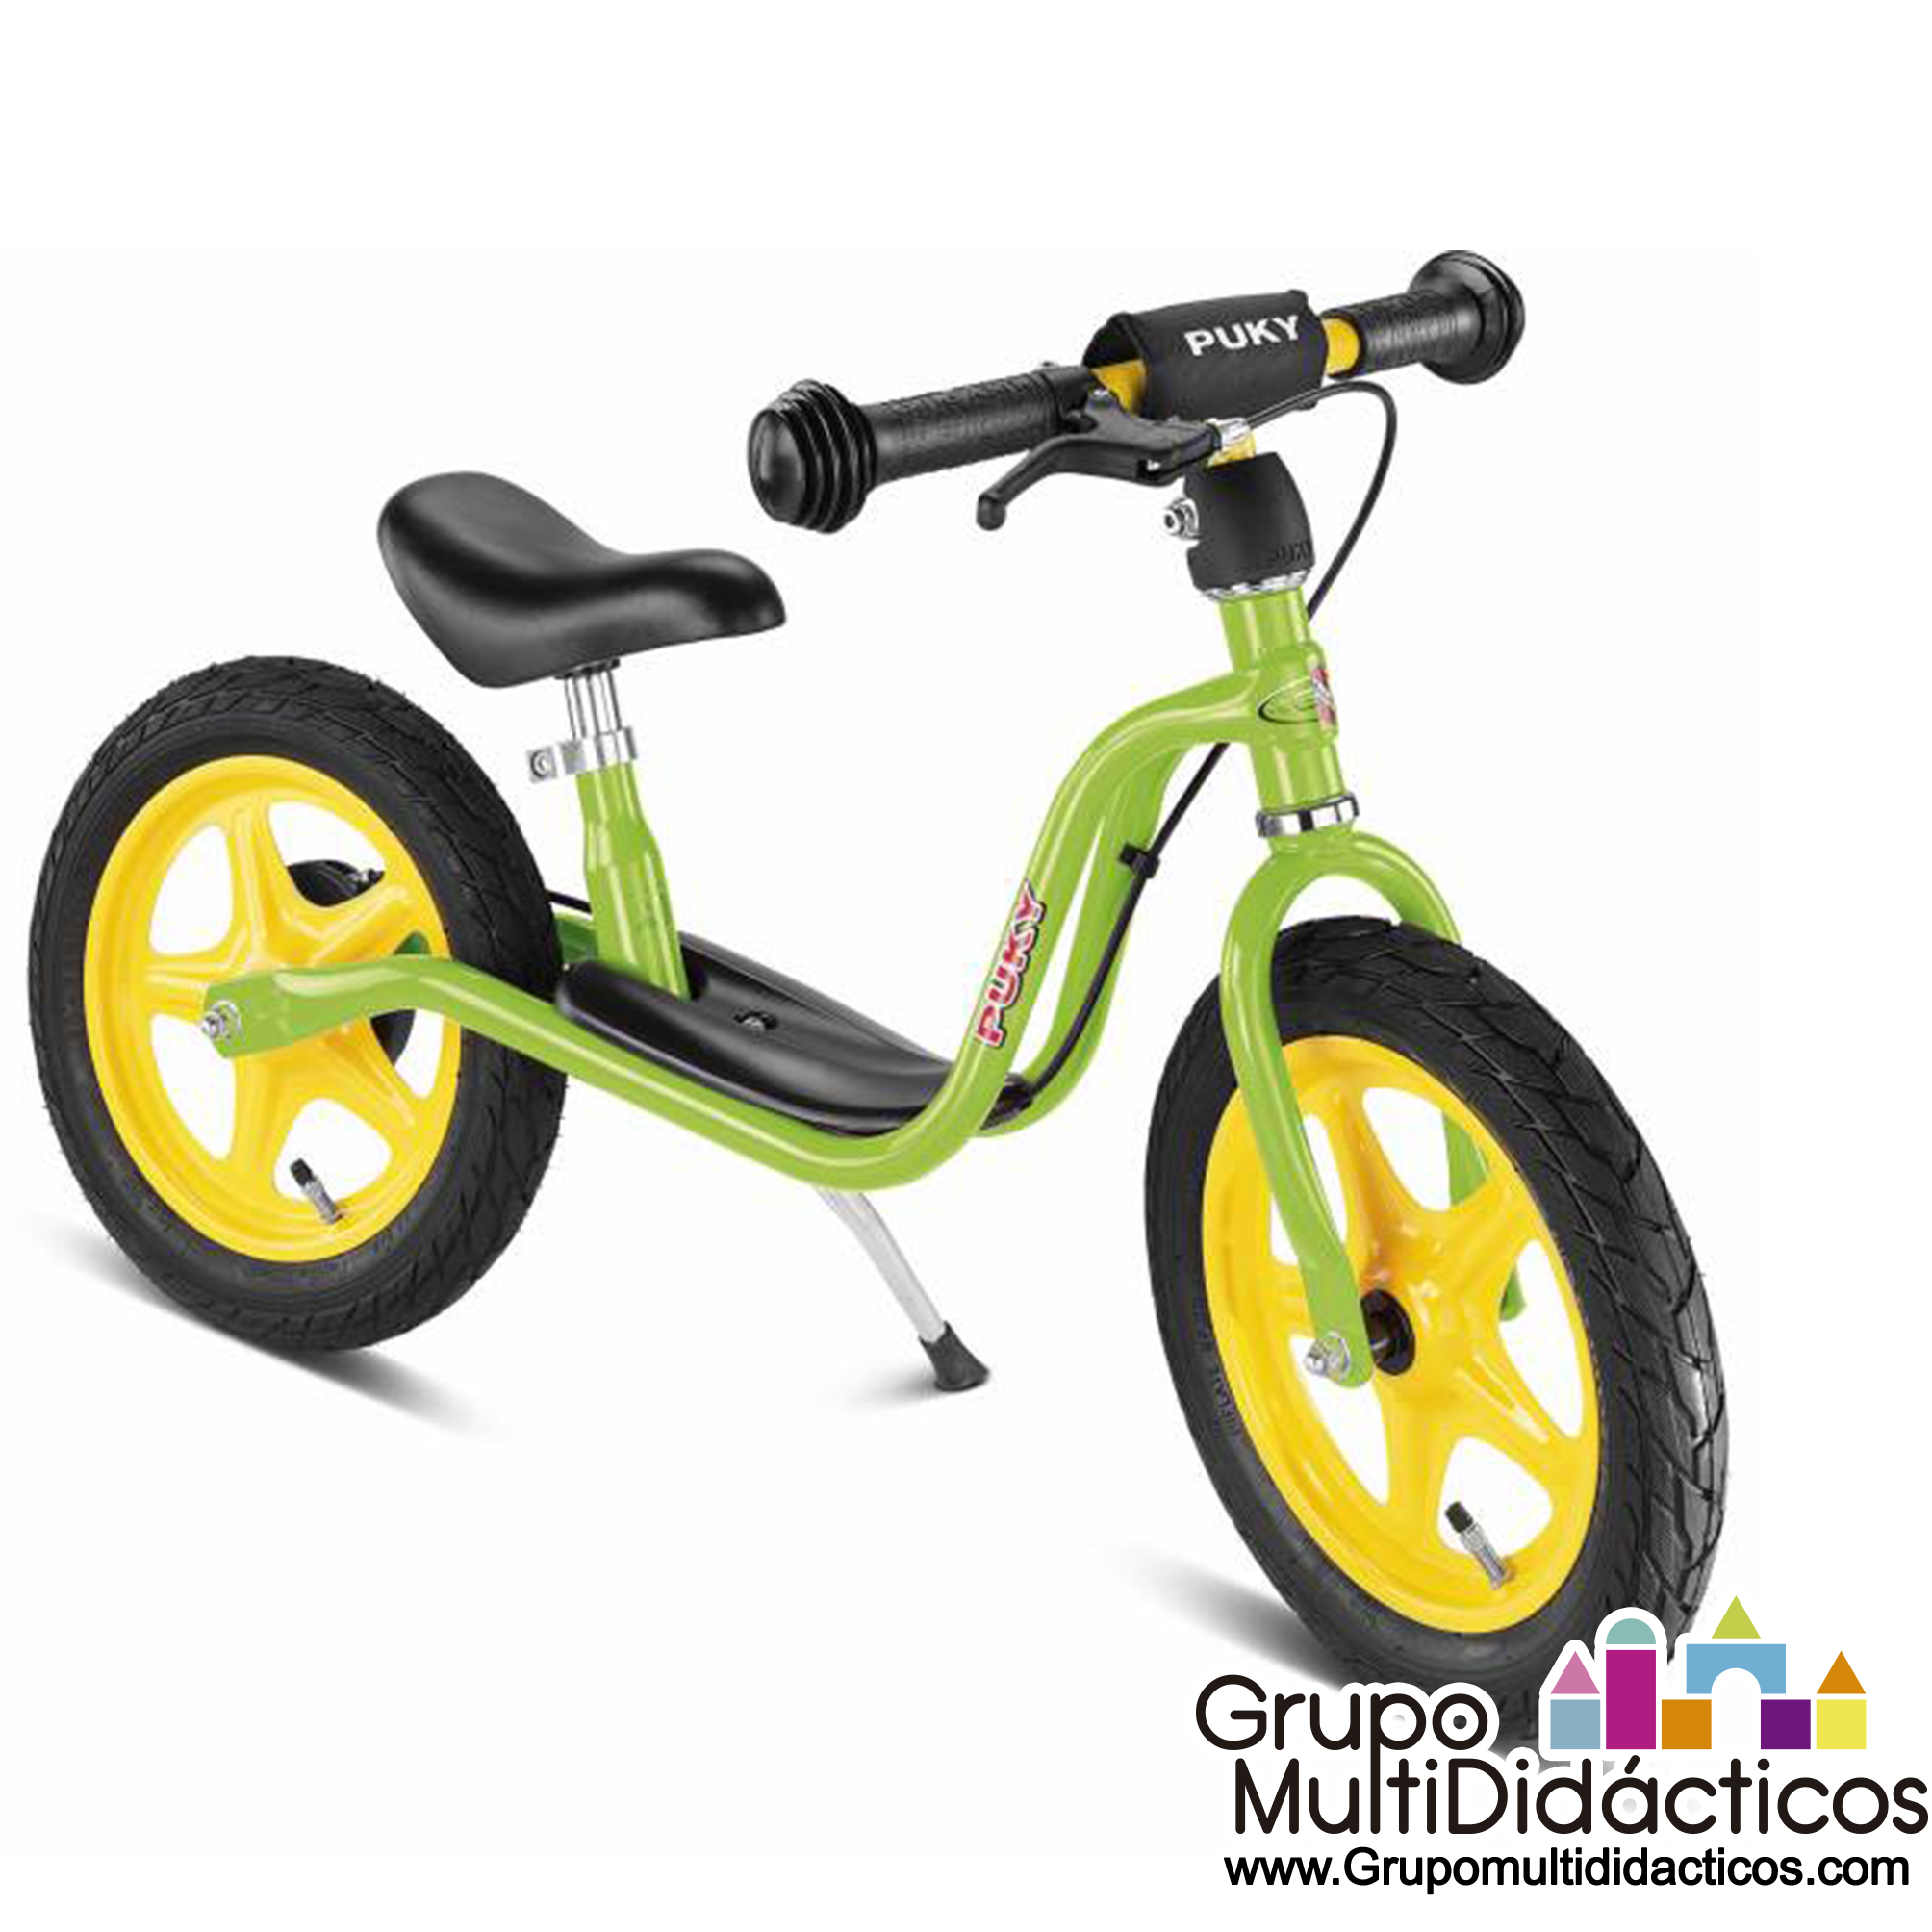 https://multididacticos.com/images/productos/peq/bicicleta%20sin%20pedales%203b.jpg